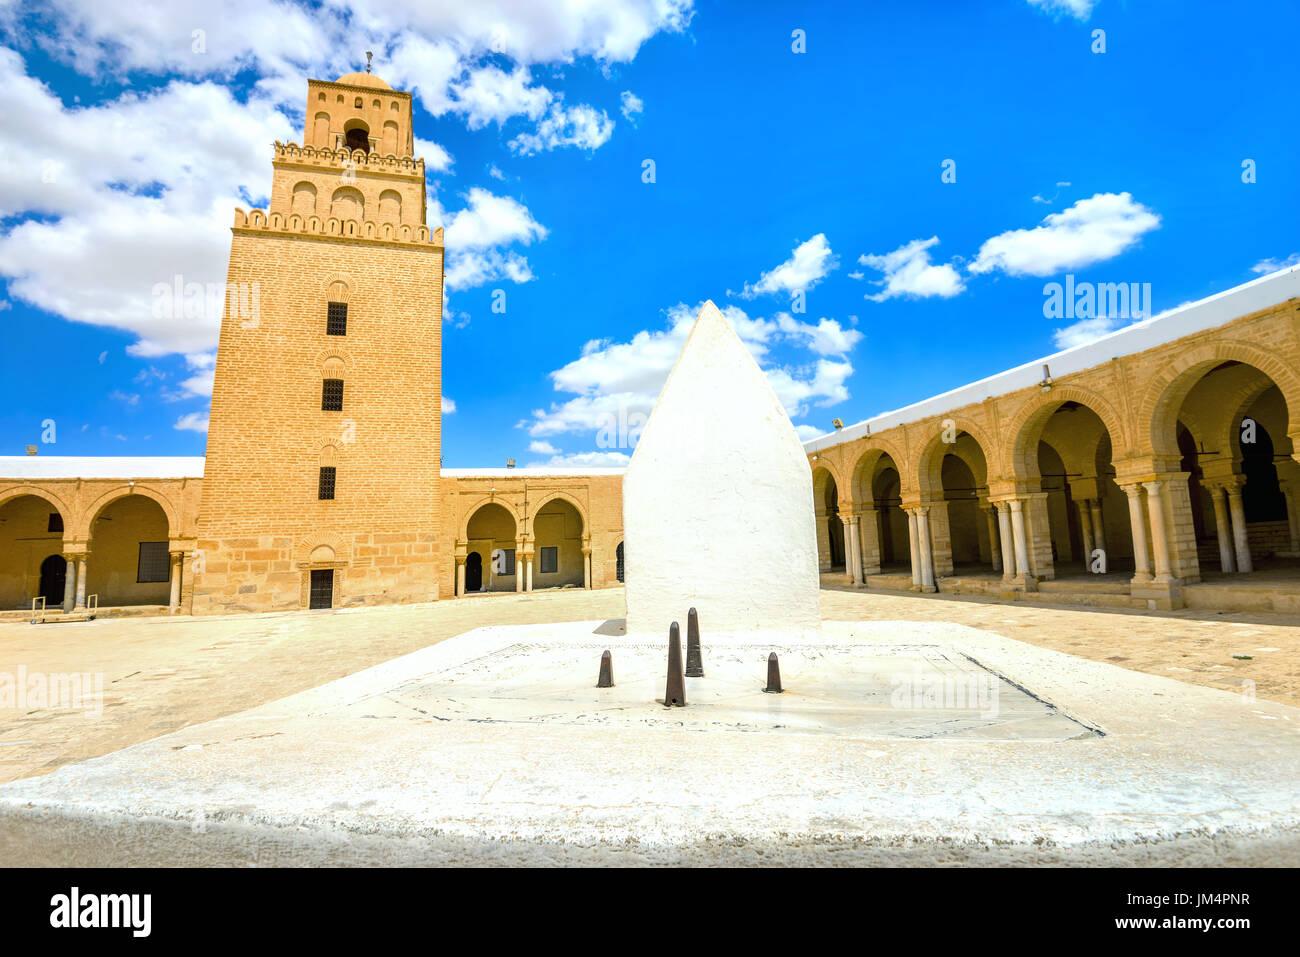 La antigua Gran Mezquita y el Sundial en Kairouan. Túnez, Norte de África Imagen De Stock